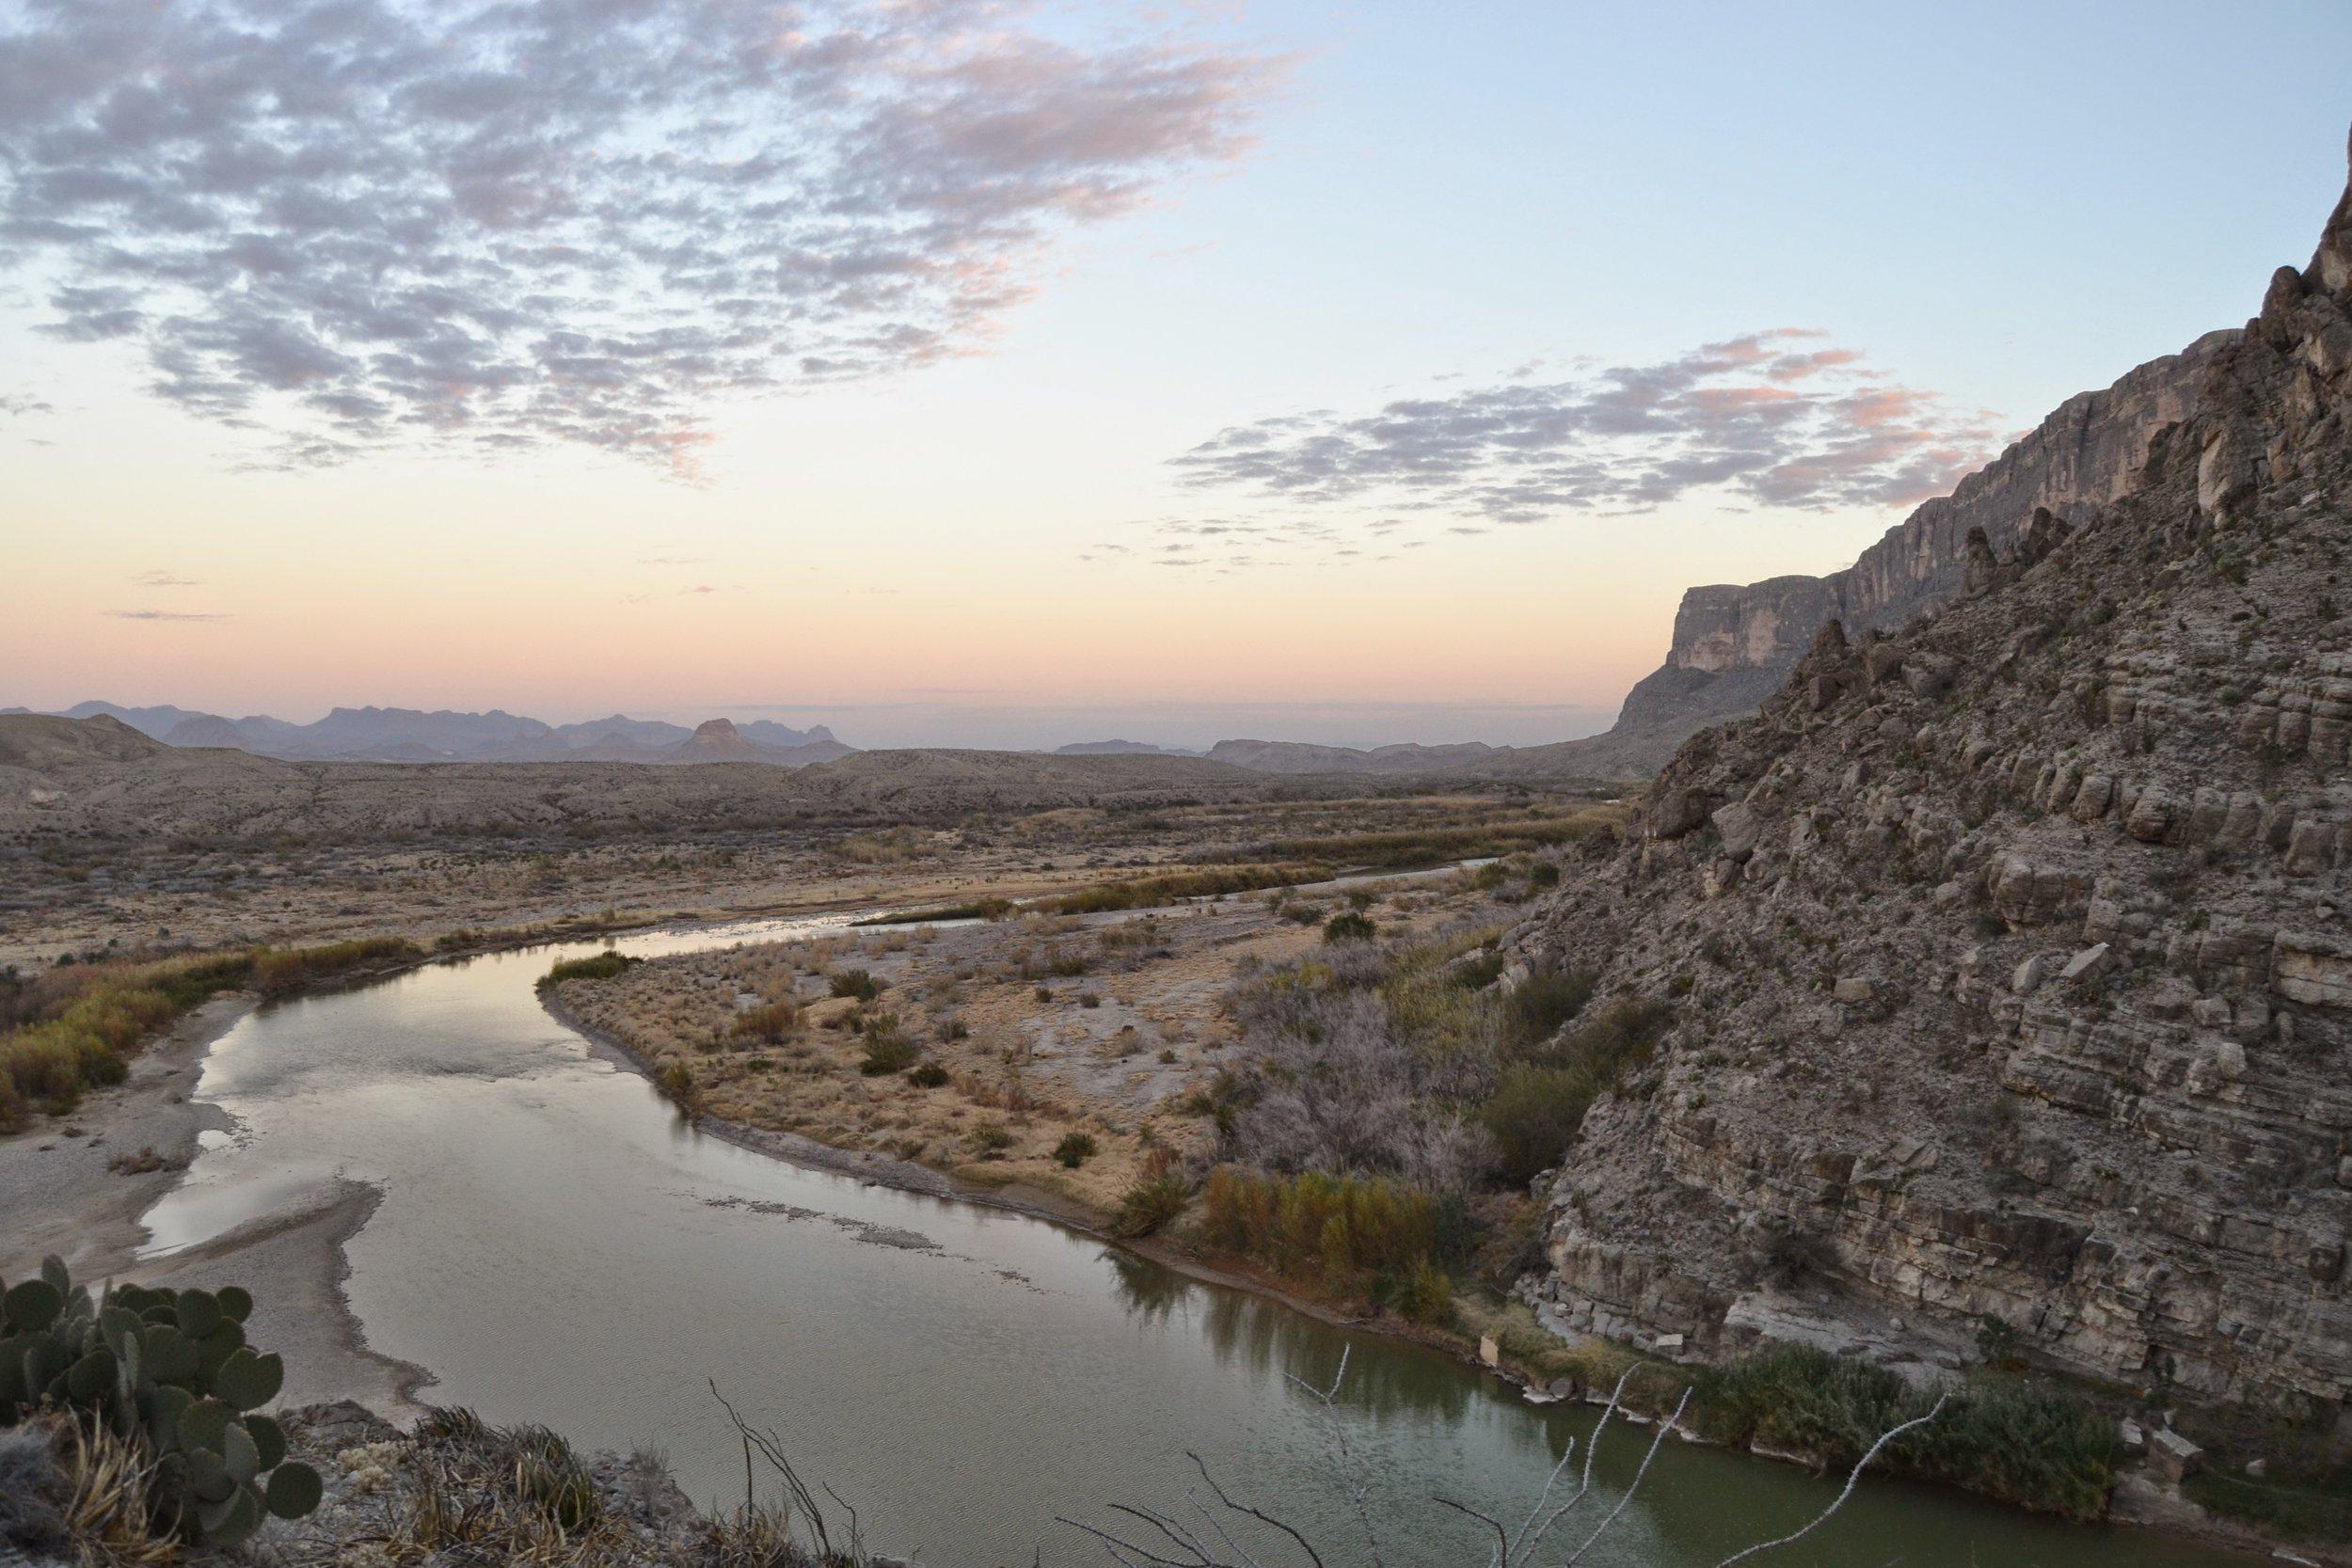 Santa Elena Canyon views